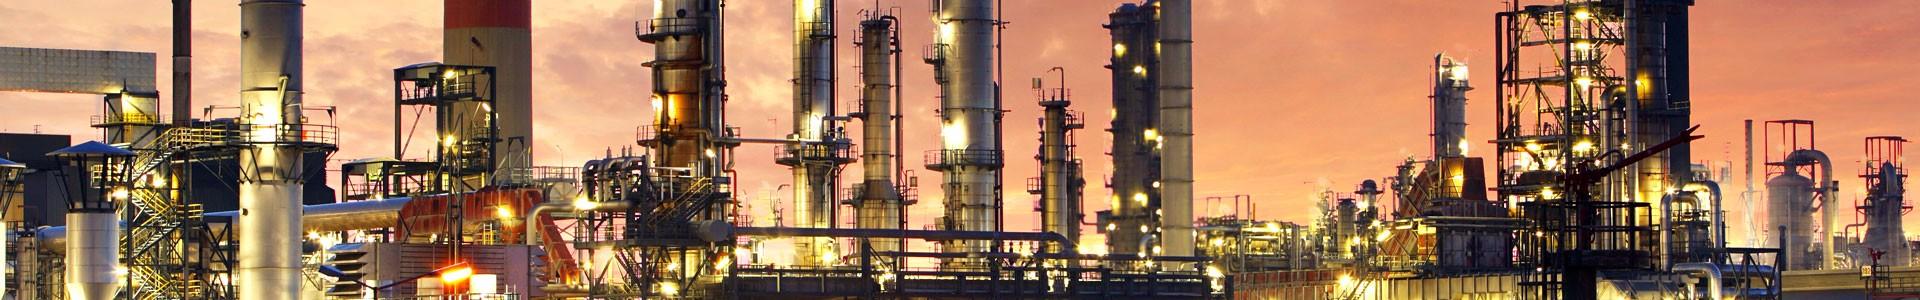 oilgas1-1920×300